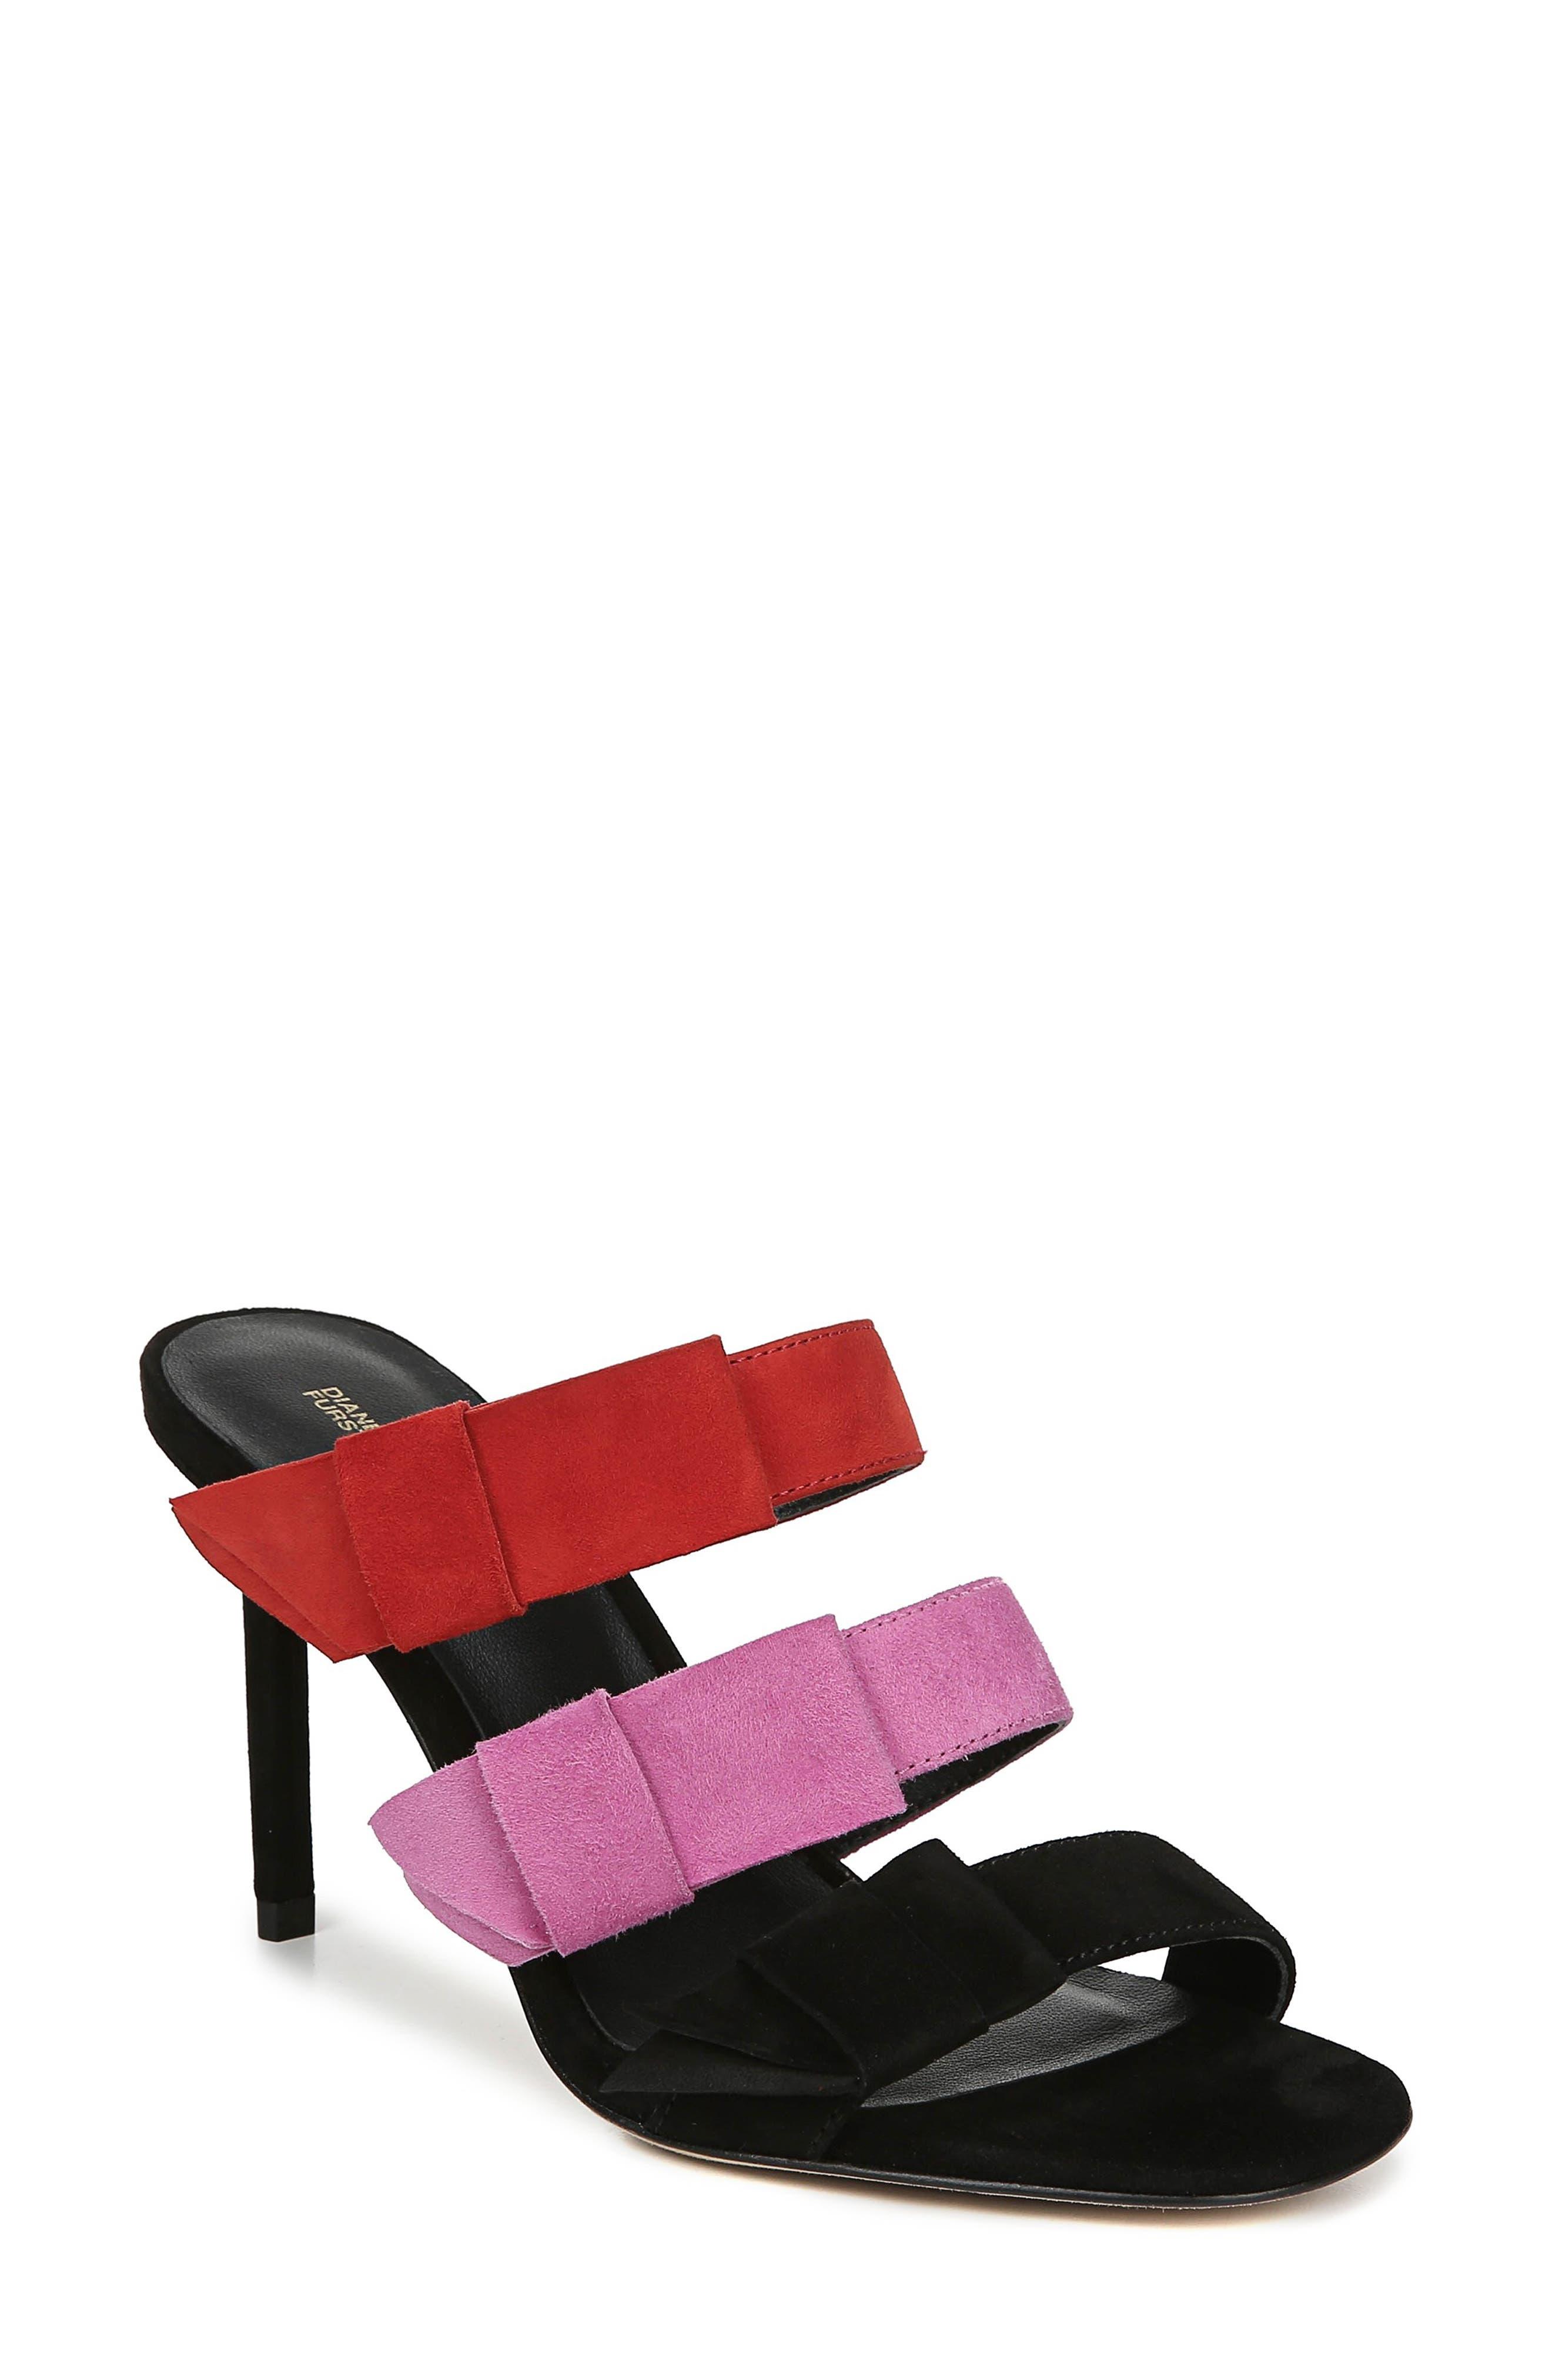 Diane Von Furstenberg Amari Triple Strap Sandal- Red